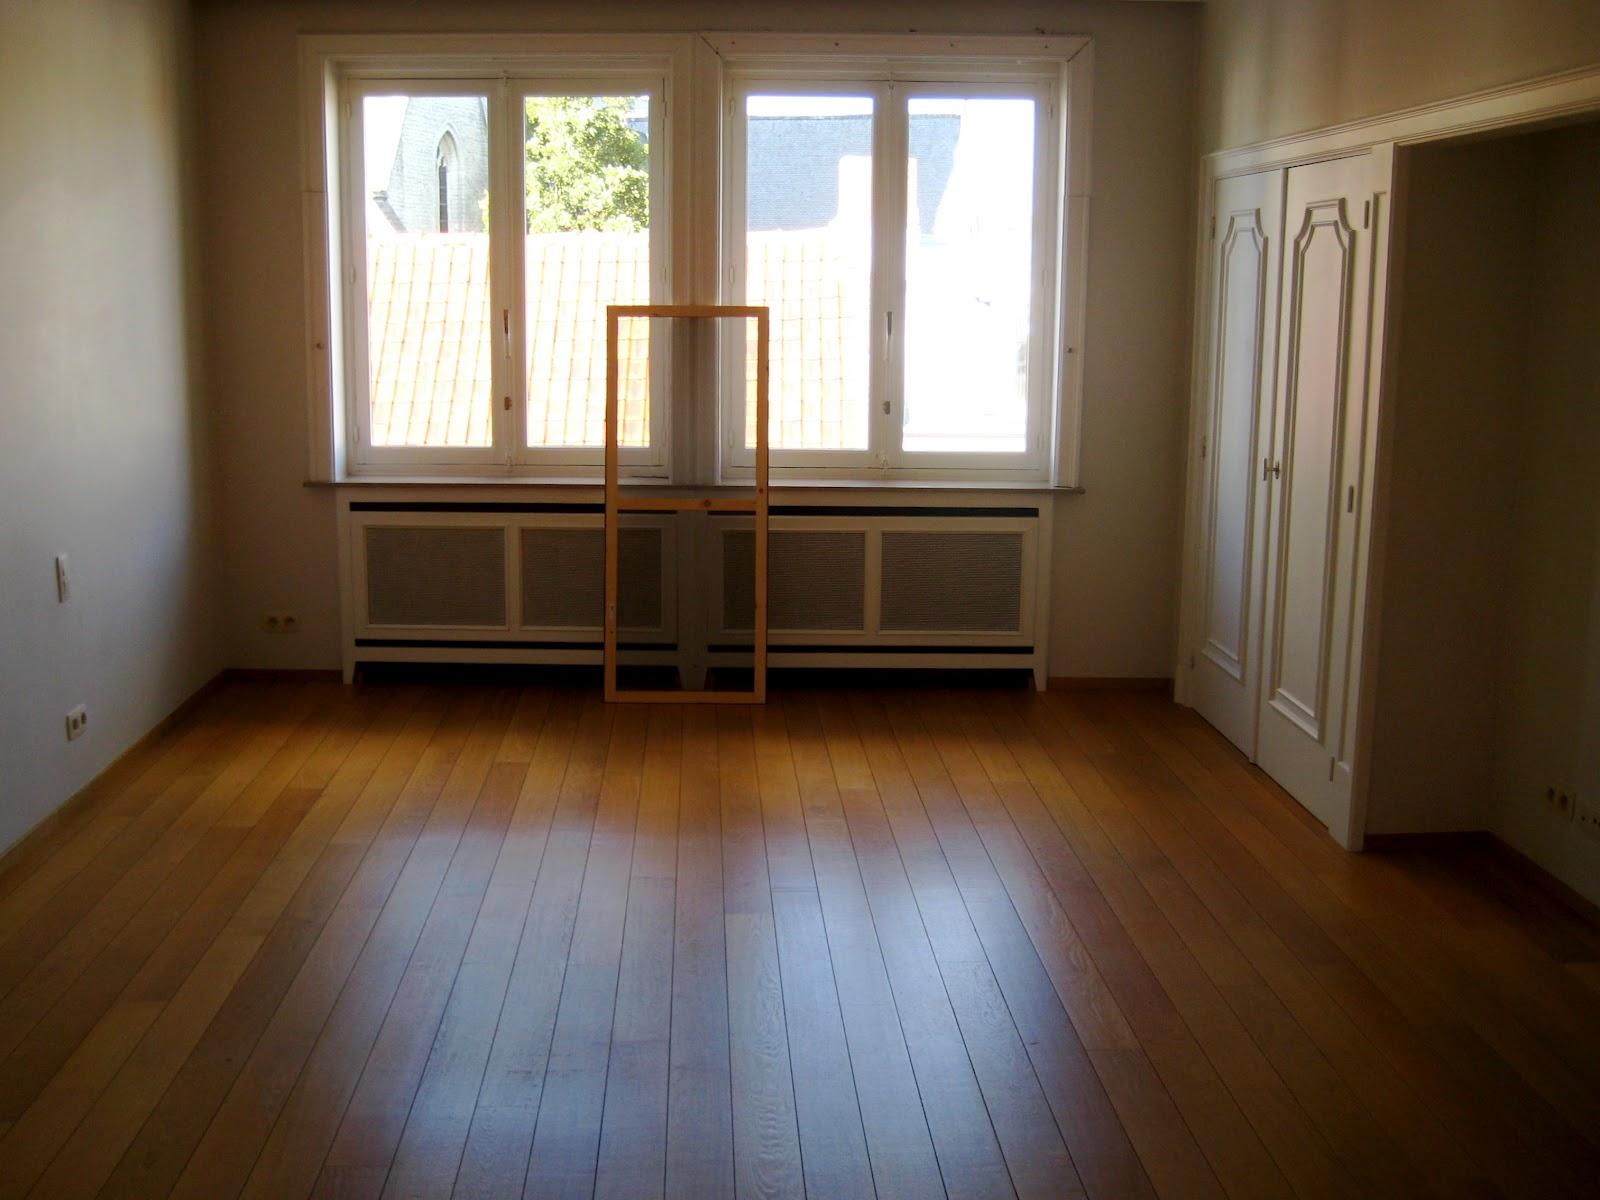 Slaapkamer Kasten Groot : Luxueuze slaapkamer met ingebouwde kasten ...